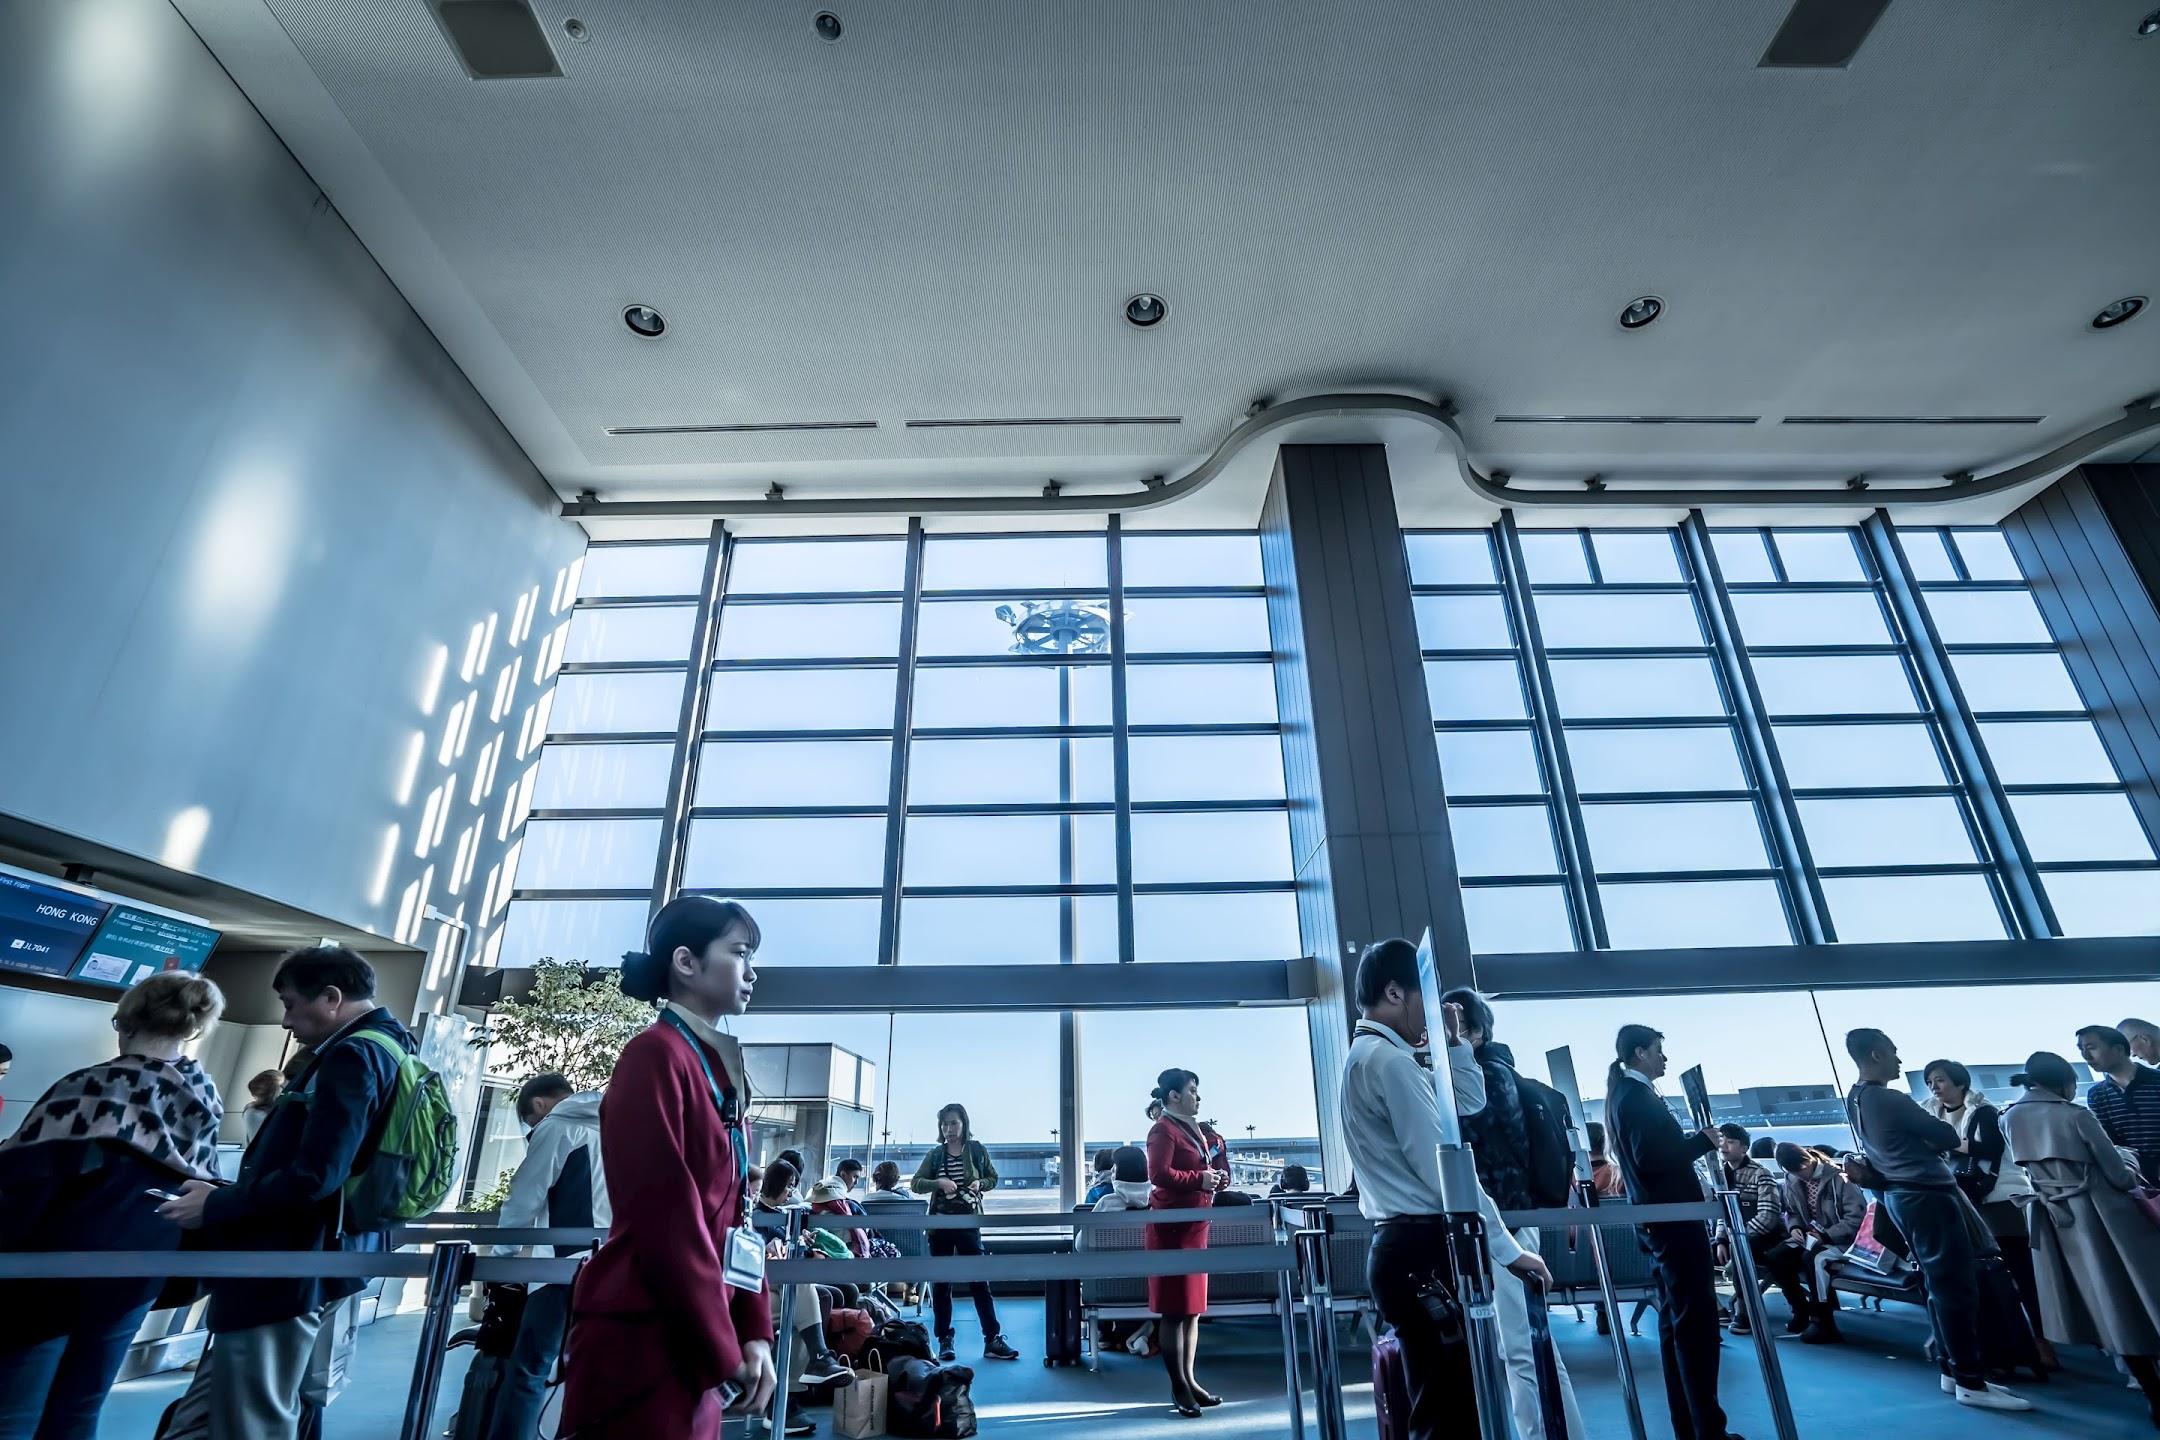 Narita International Airport Cathay Pacific2